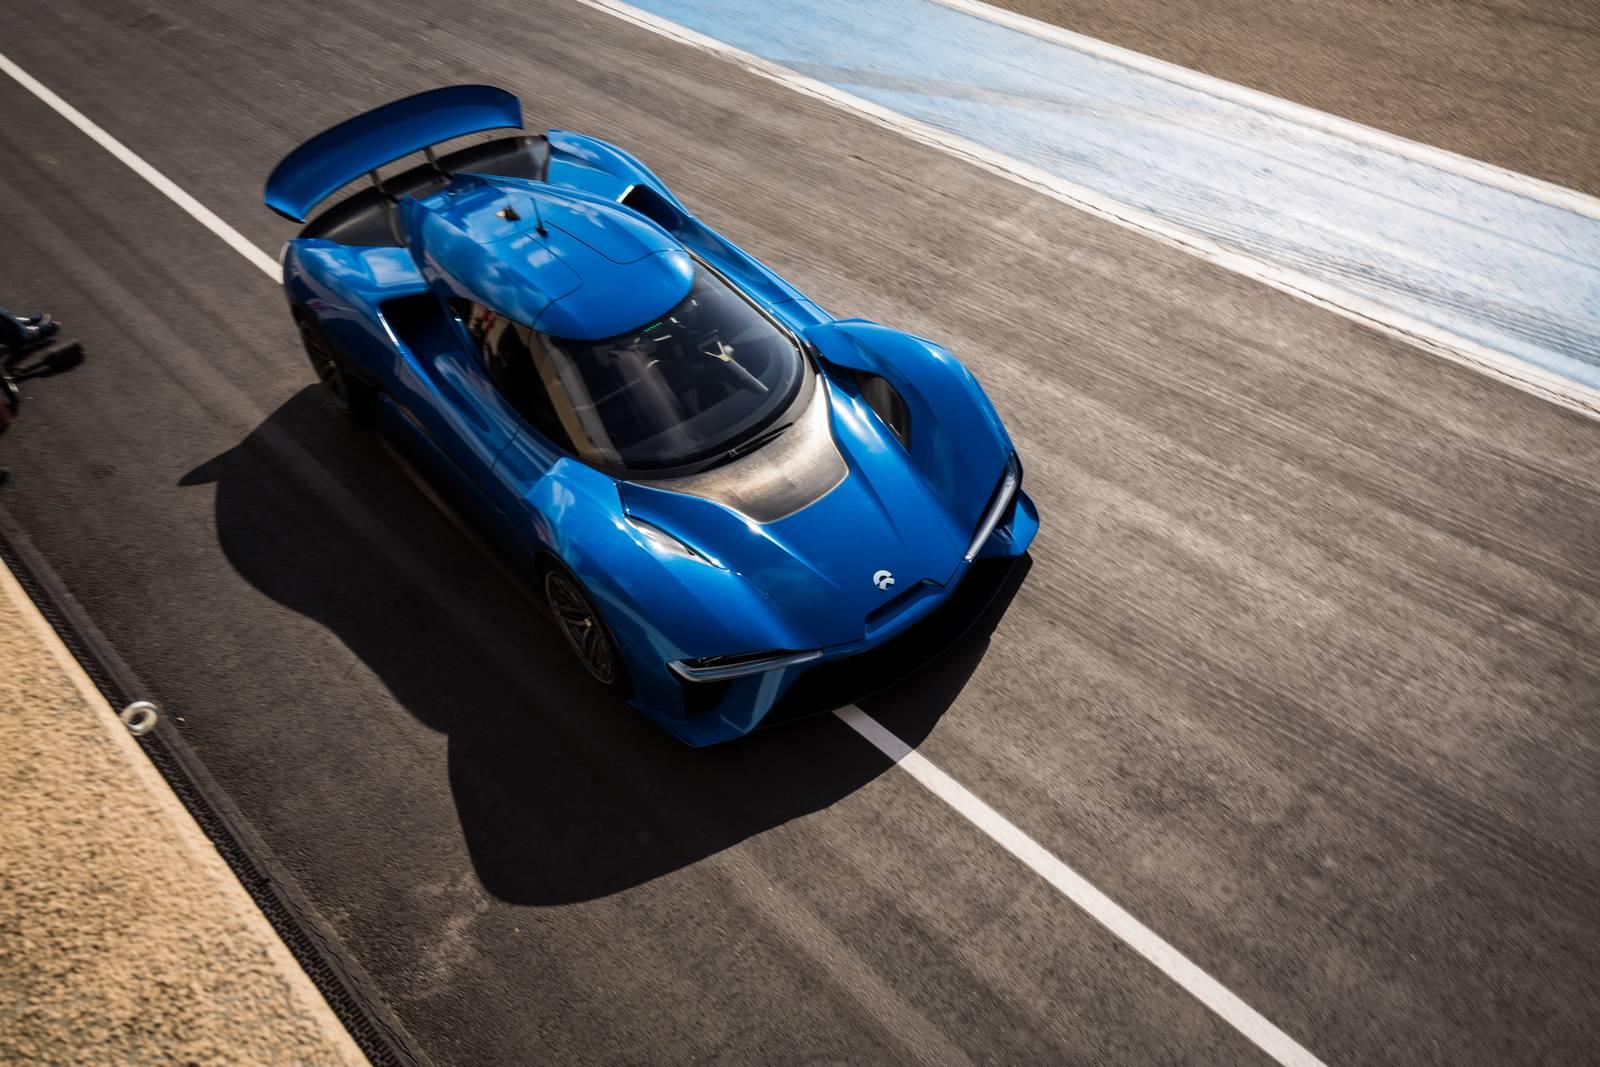 Он победил подобных ему Lamborghini Huracan Performante и Porsche 918 Spyder с невероятным временем 6 минут и 45,9 секунд. Он быстрее, чем Pagani Zonda R (6.47) и Radical SR8 LM (6.48).